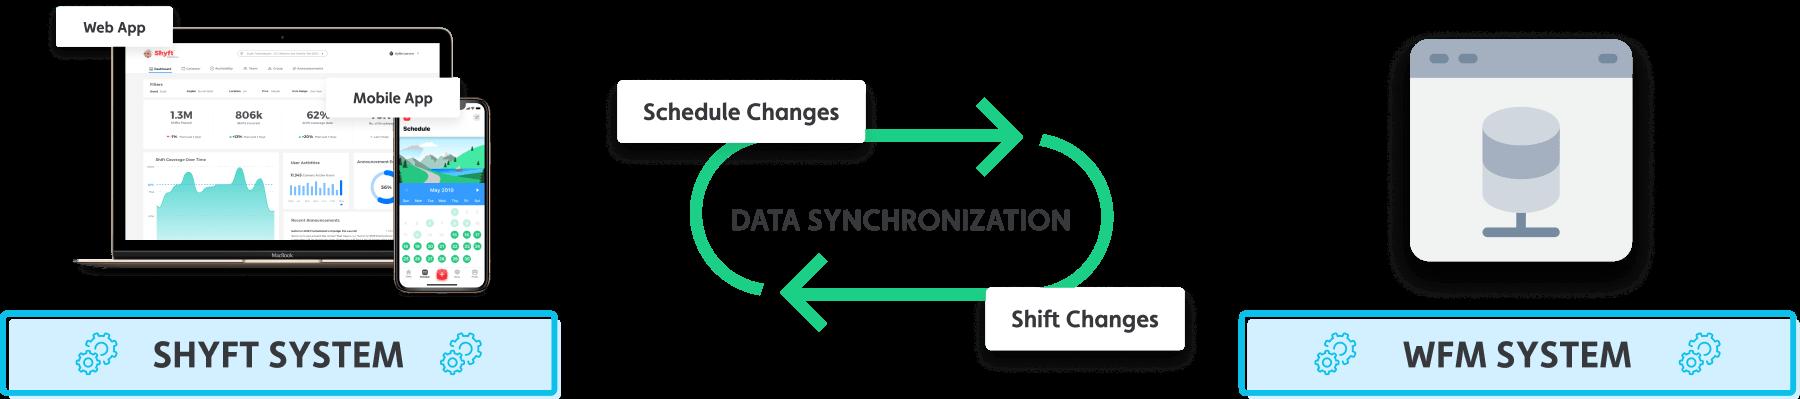 shyft_wfm_partners_diagram